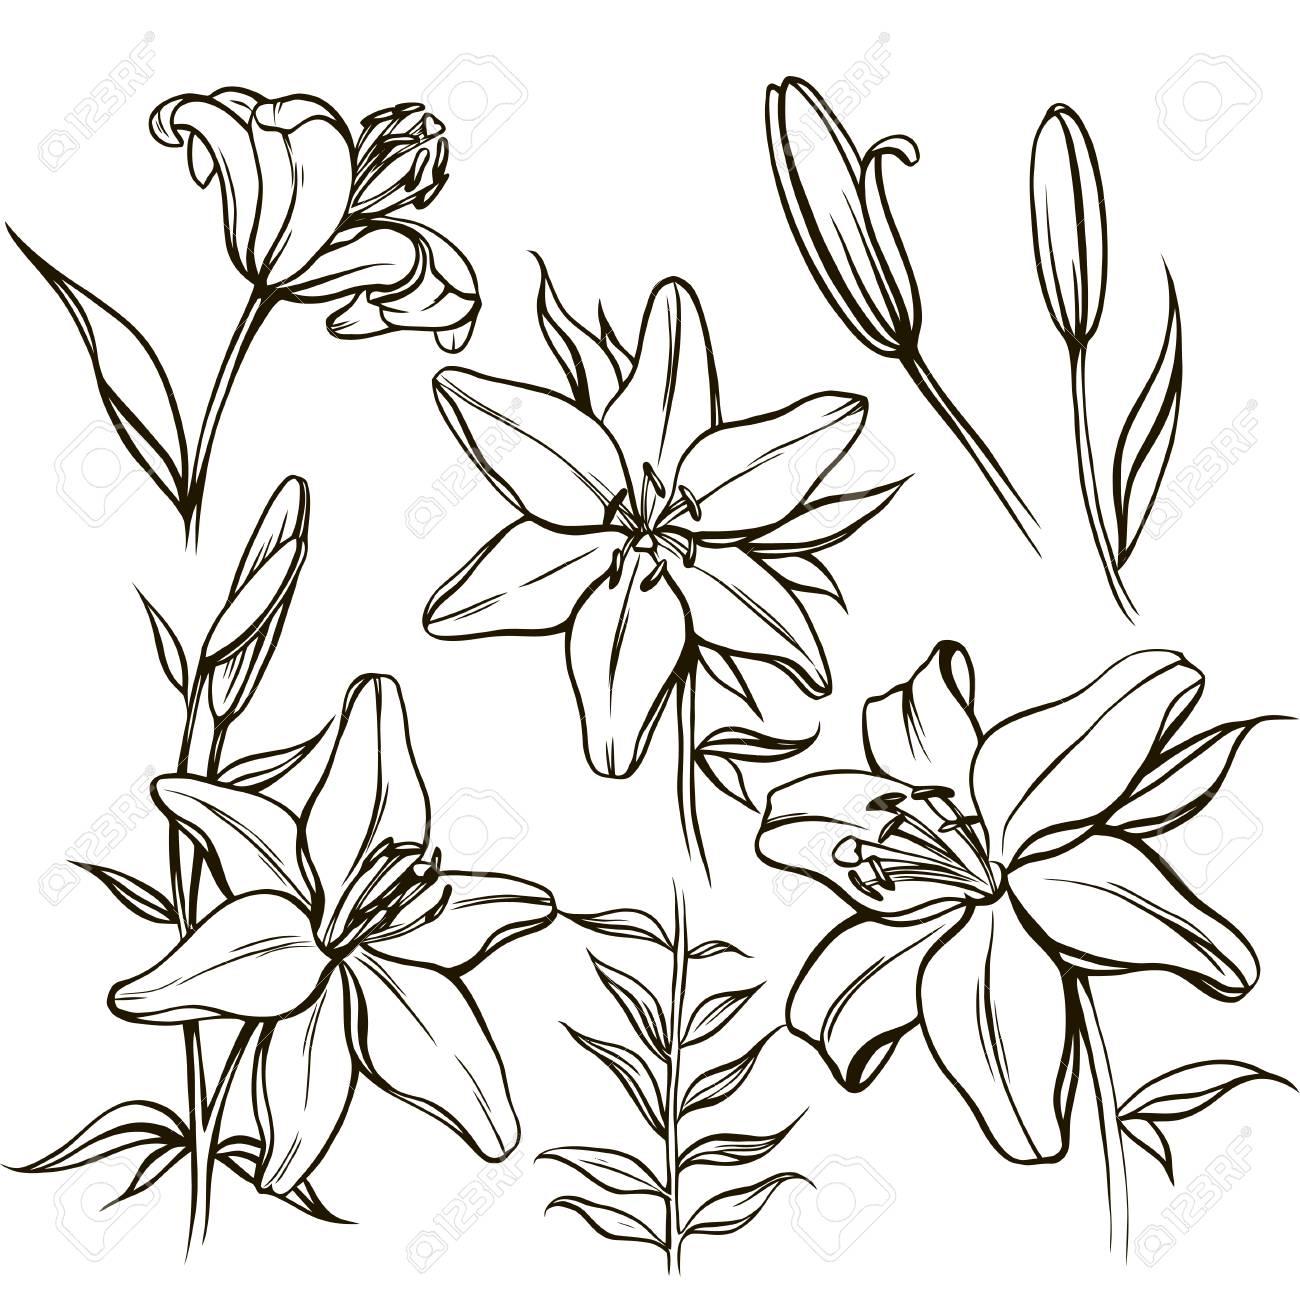 Vecteur Défini Avec Fleur De Lys Blanc Orné Et Bourgeon En Noir Et En Couleur Isolé Sur Blanc Silhouette Linéaire Douverture éléments Floraux Dans